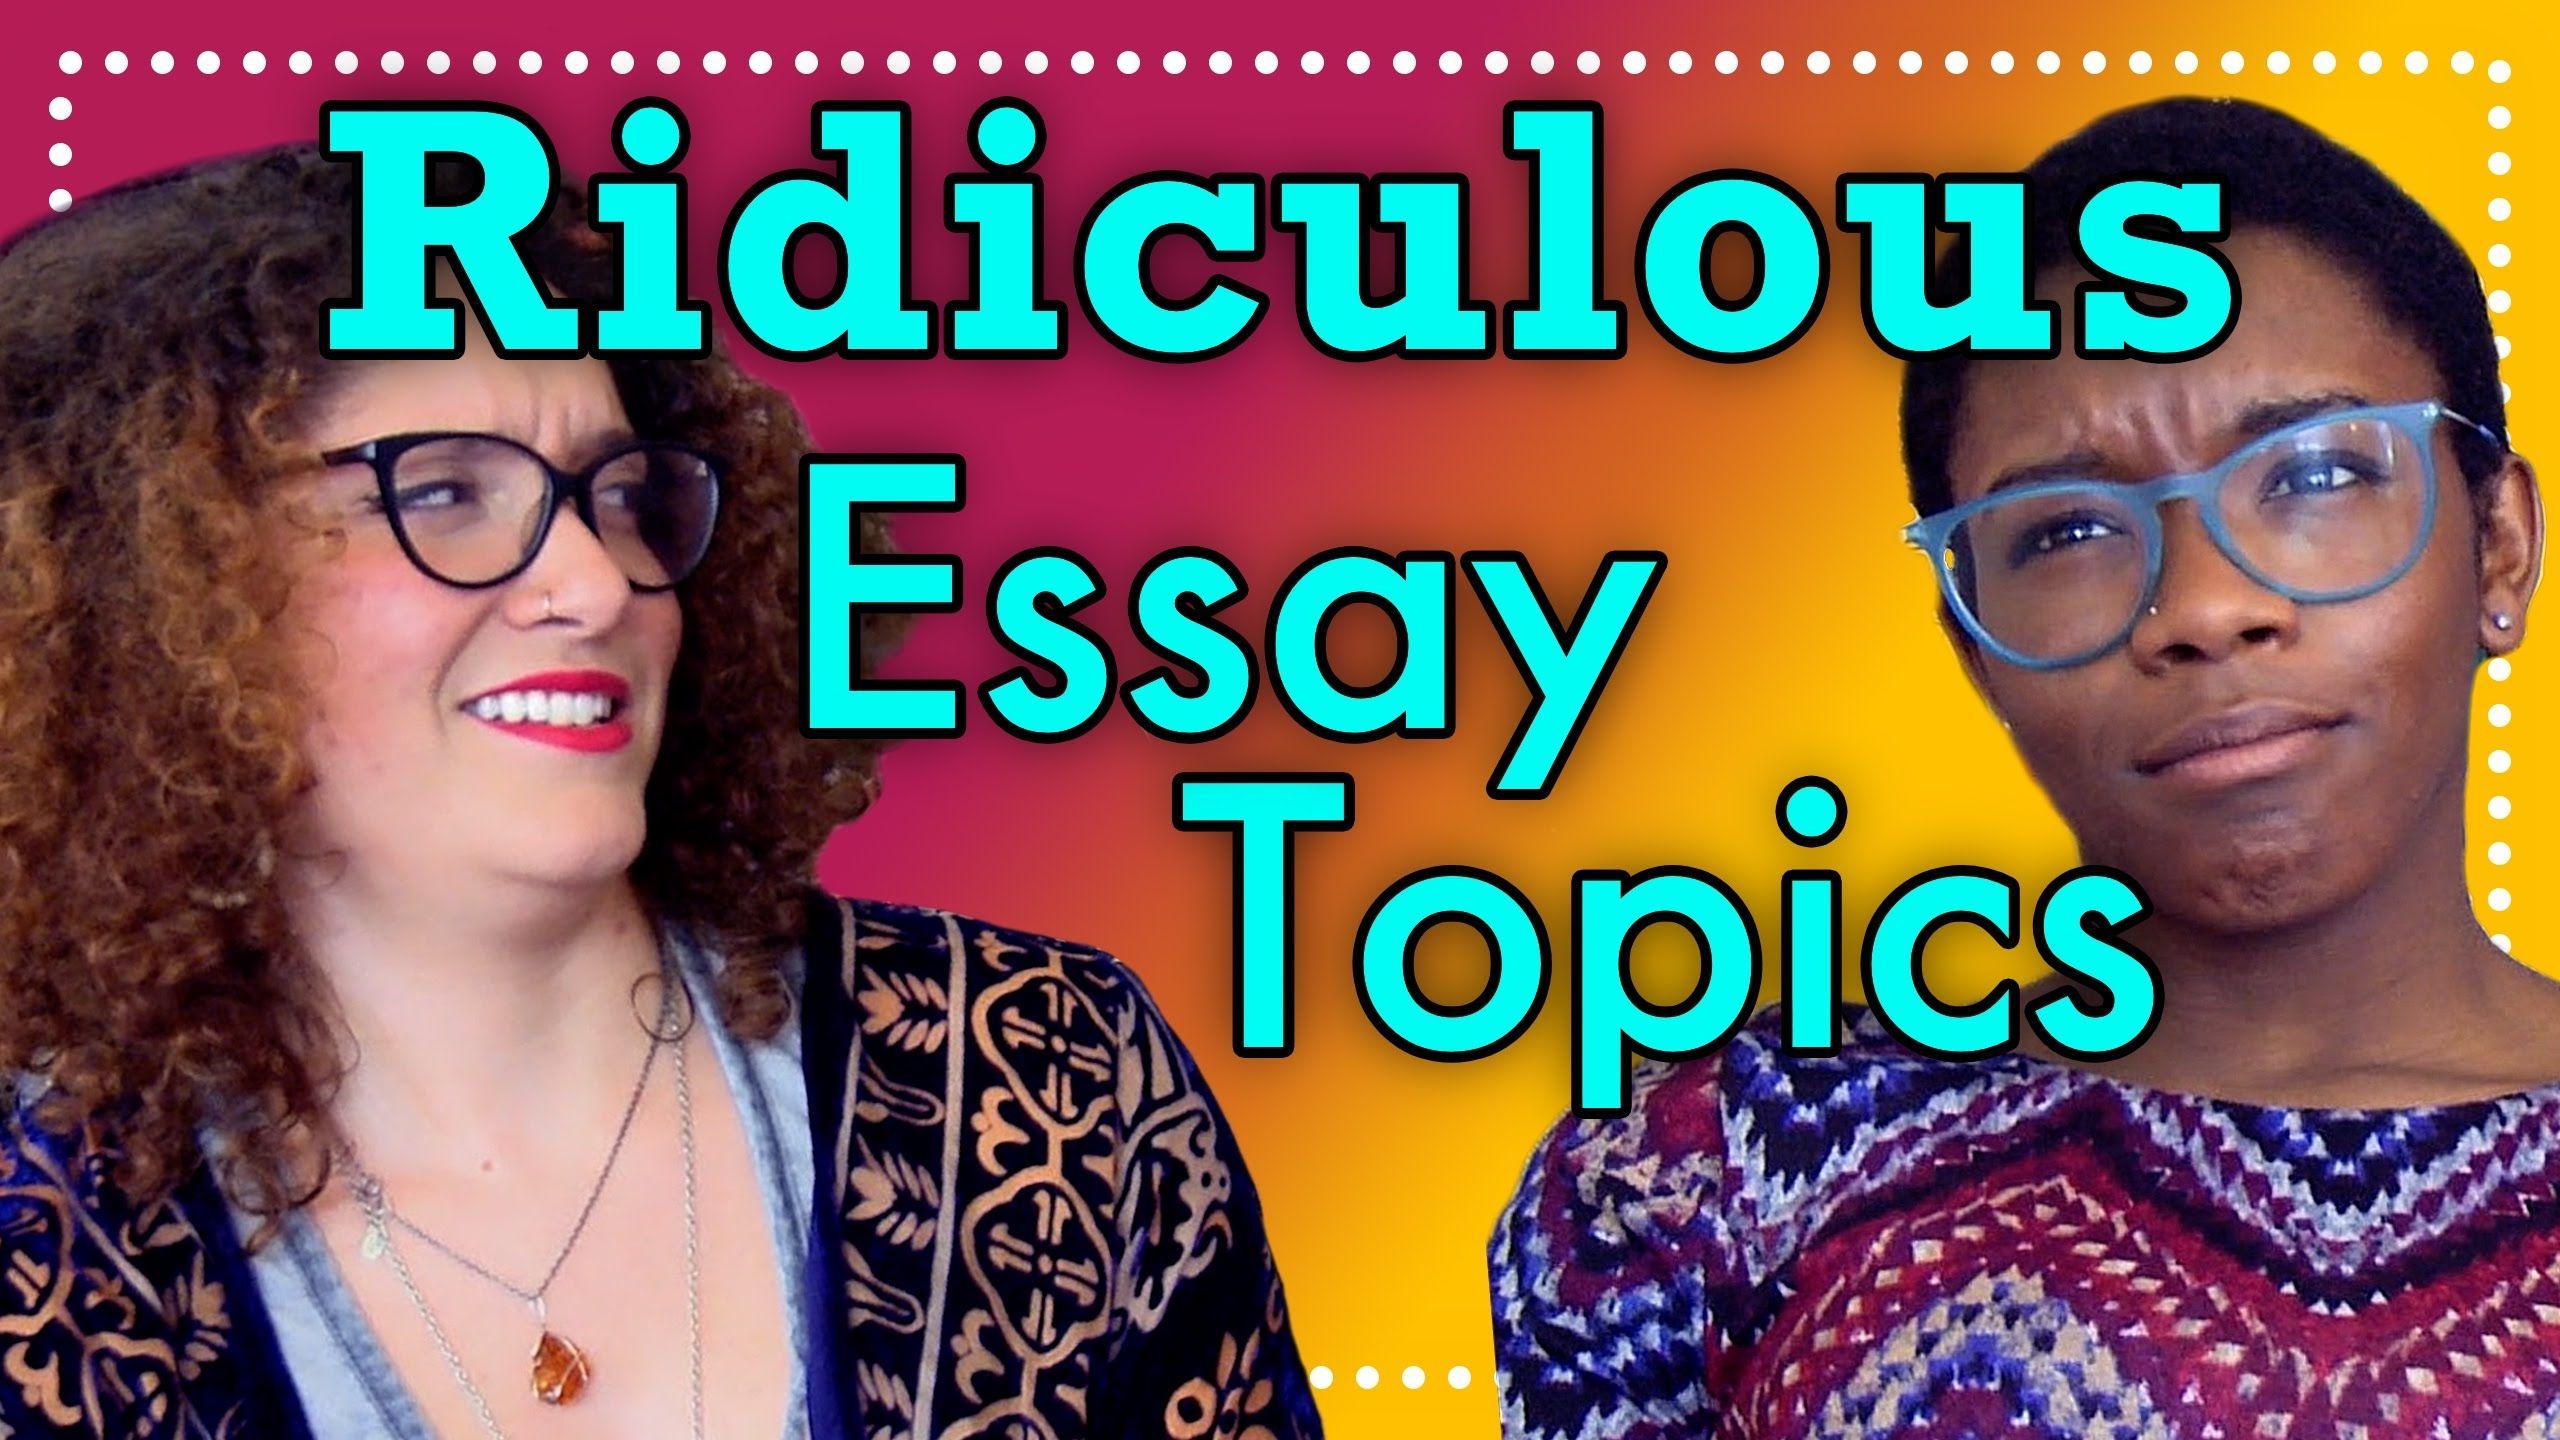 Funny admissions essay nyu